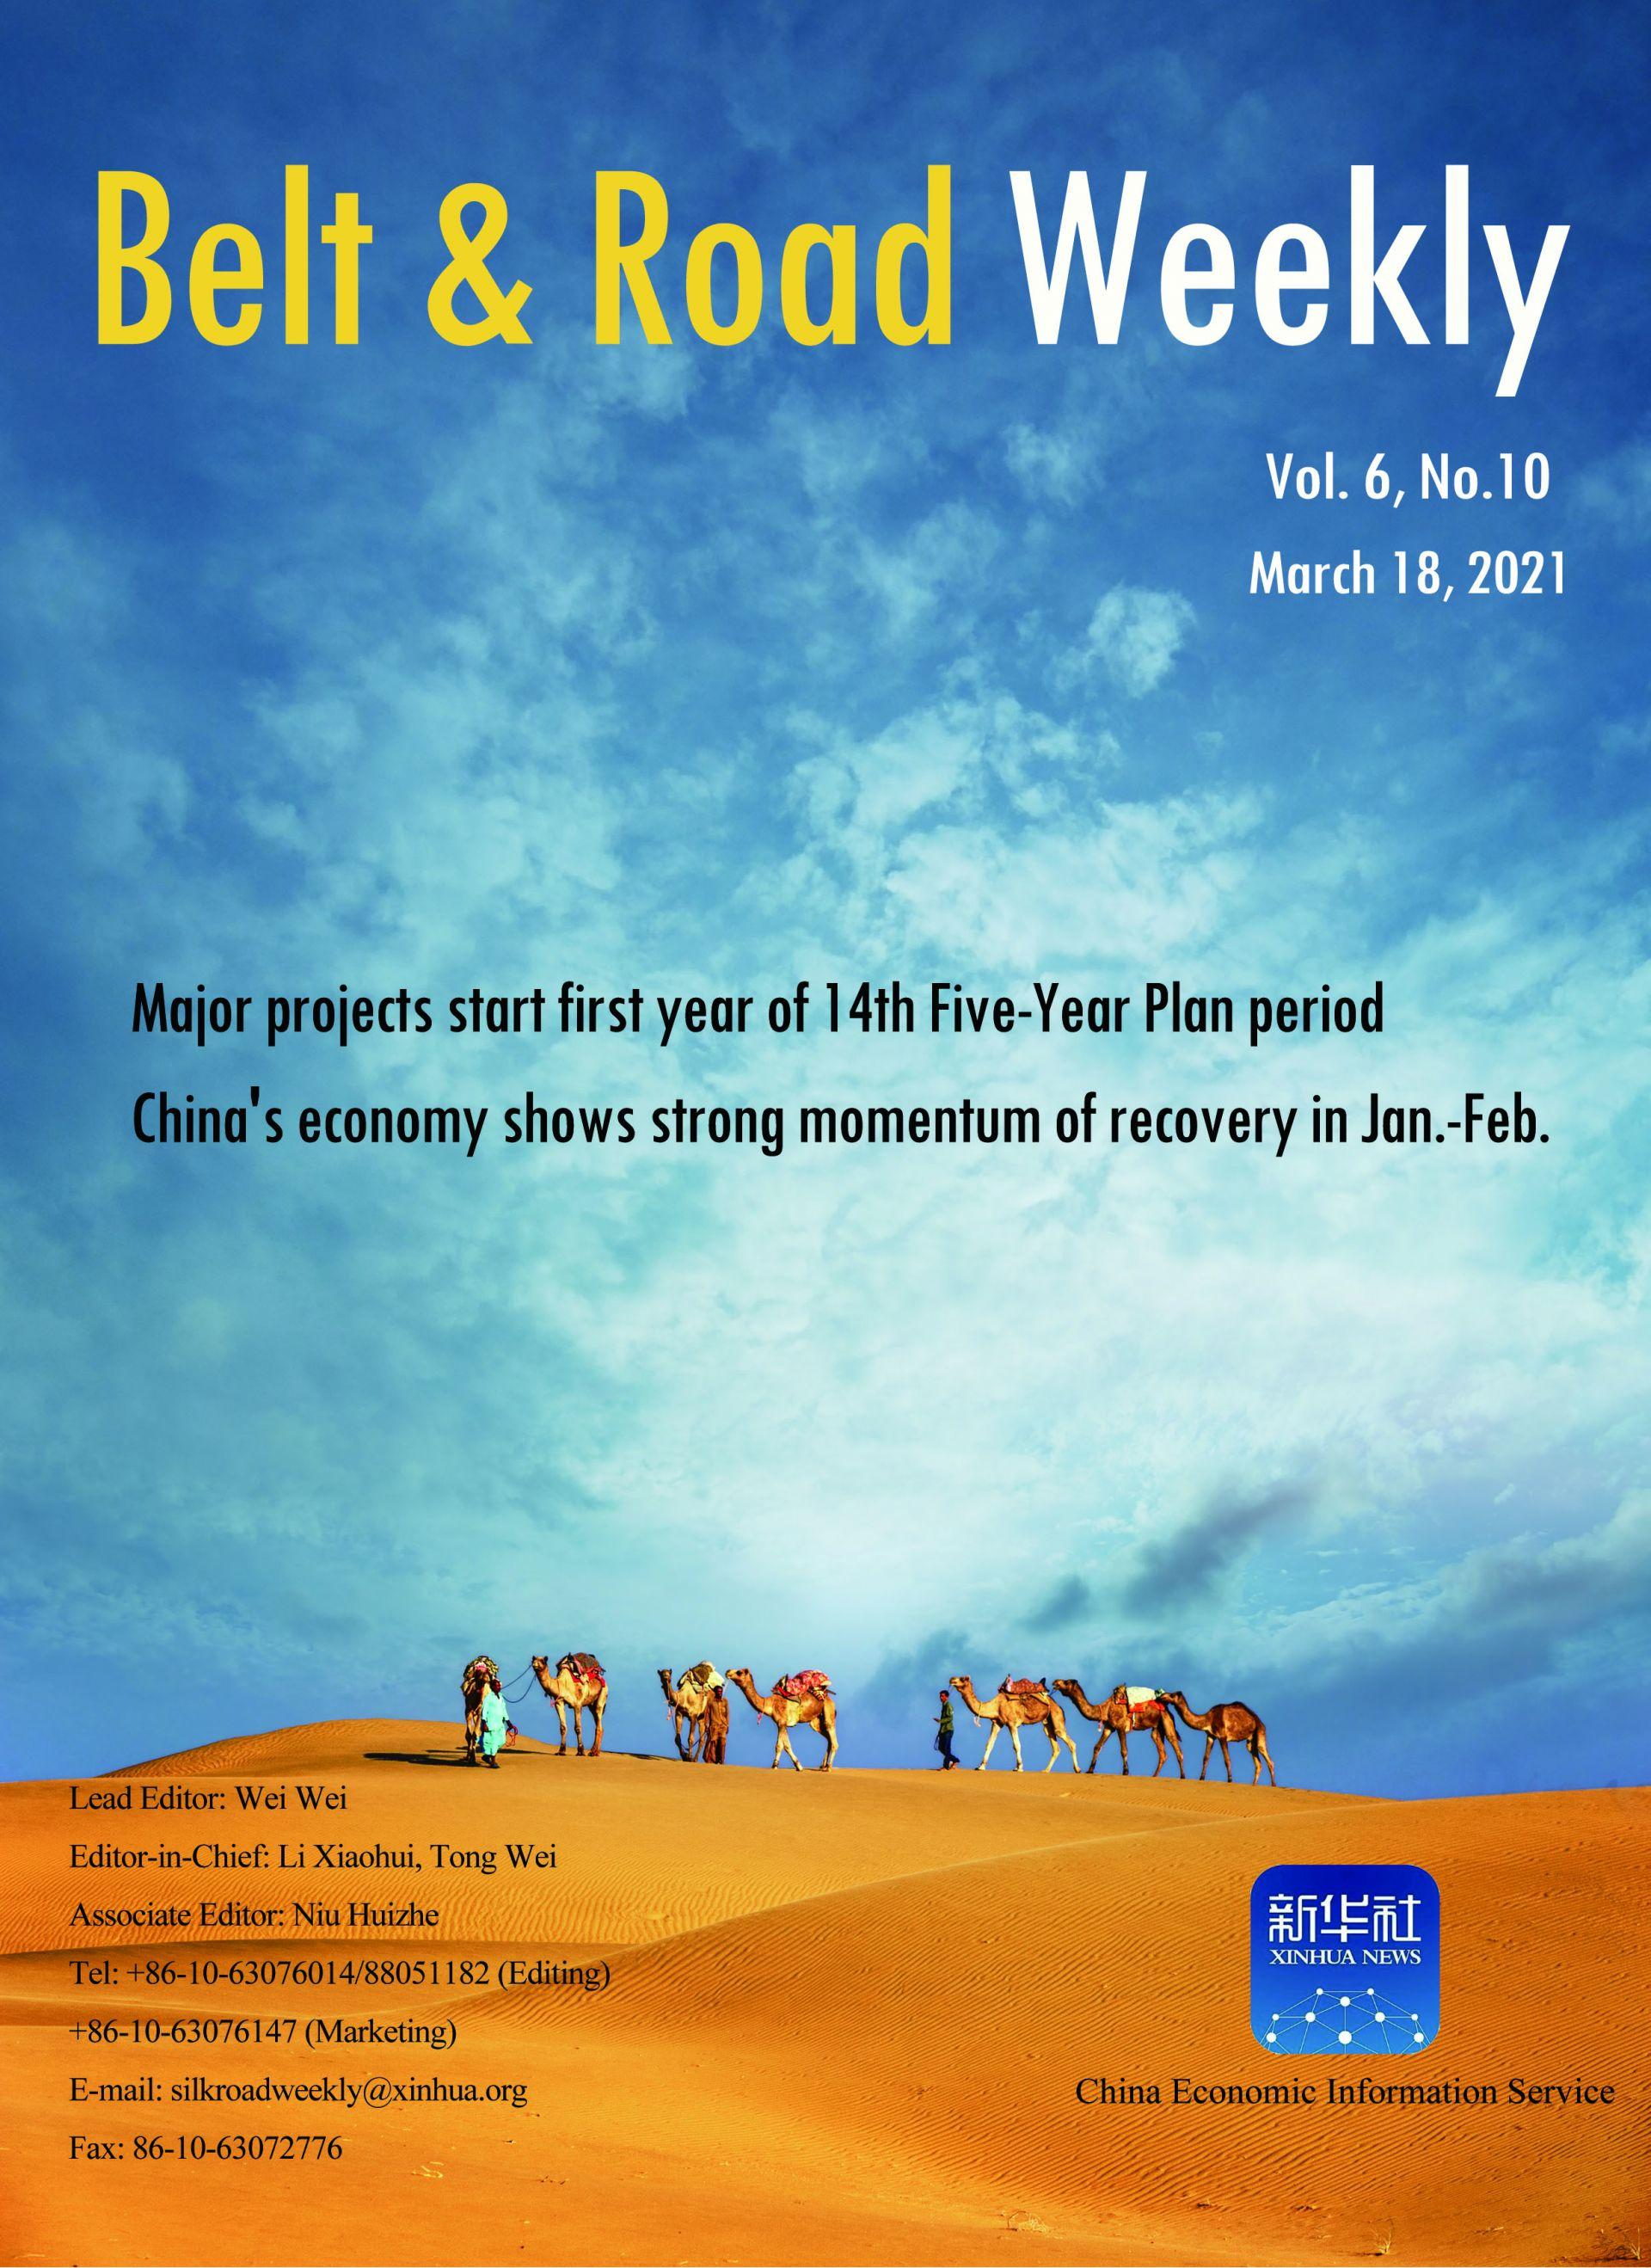 Belt & Road Weekly Vol. 6 No. 10